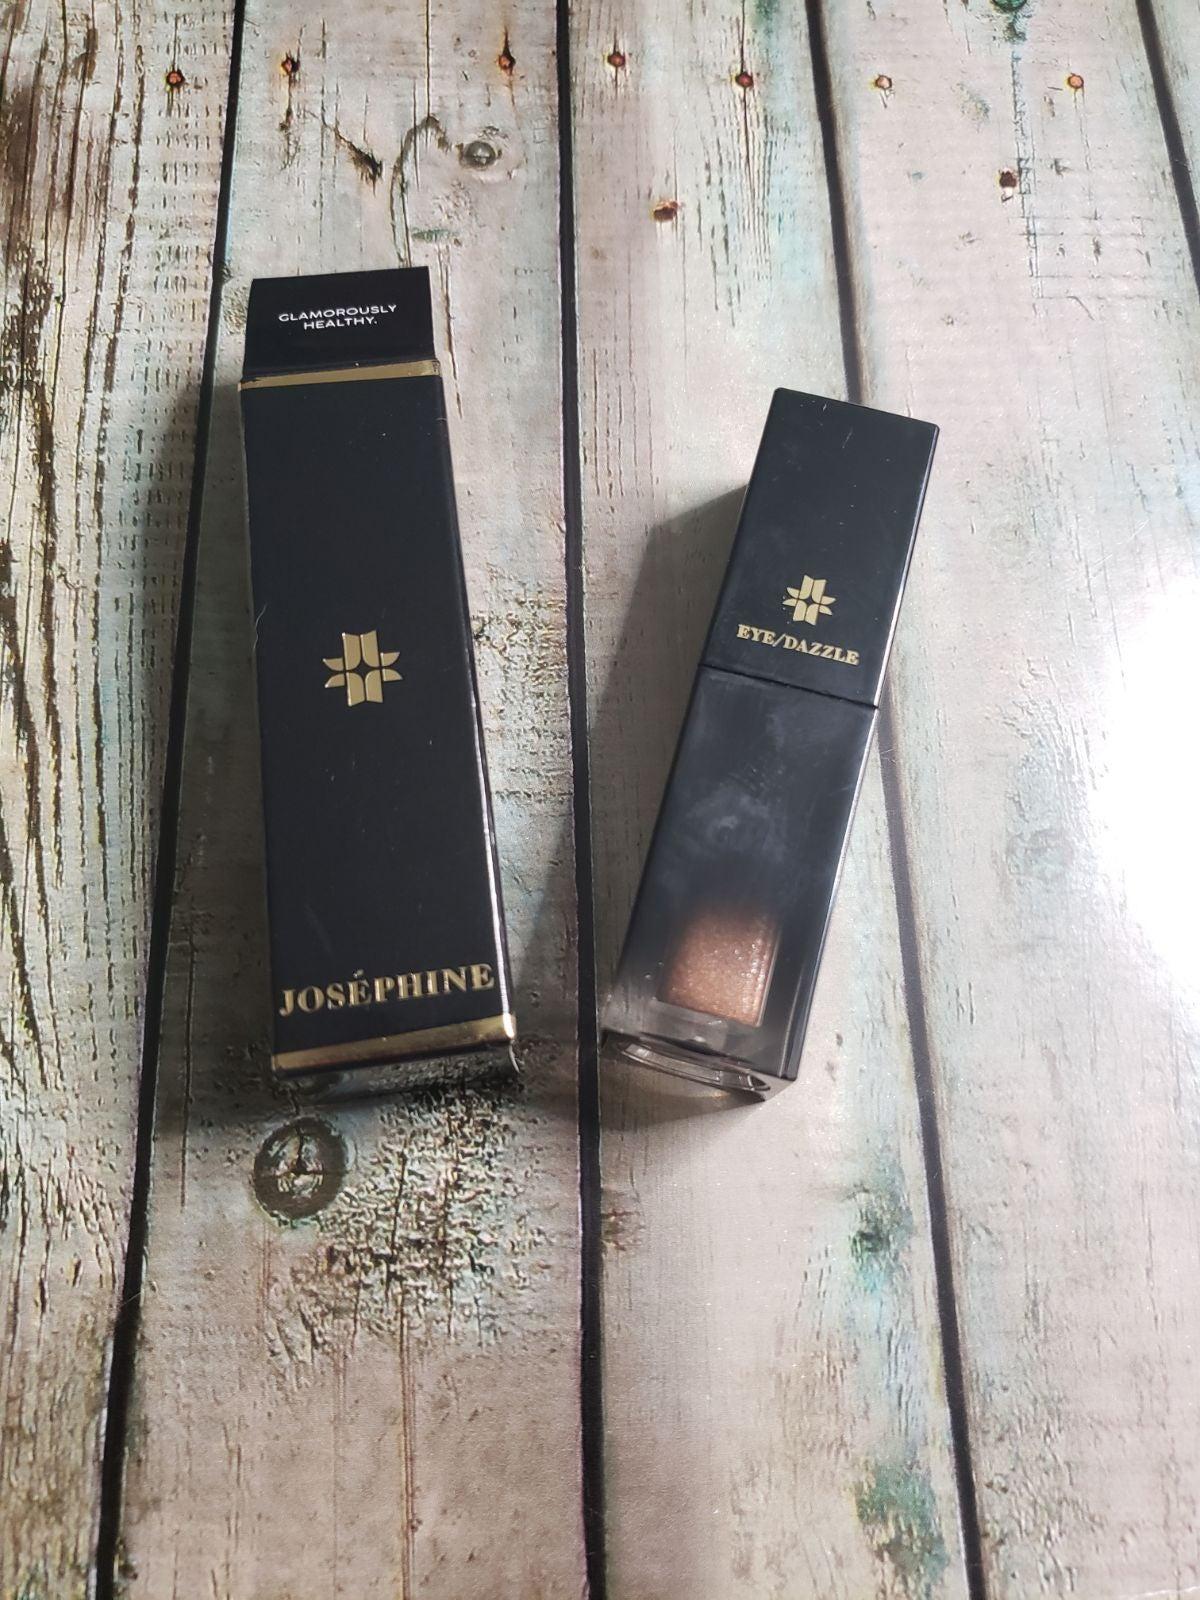 Josephine Cosmetics Eye Dazzle